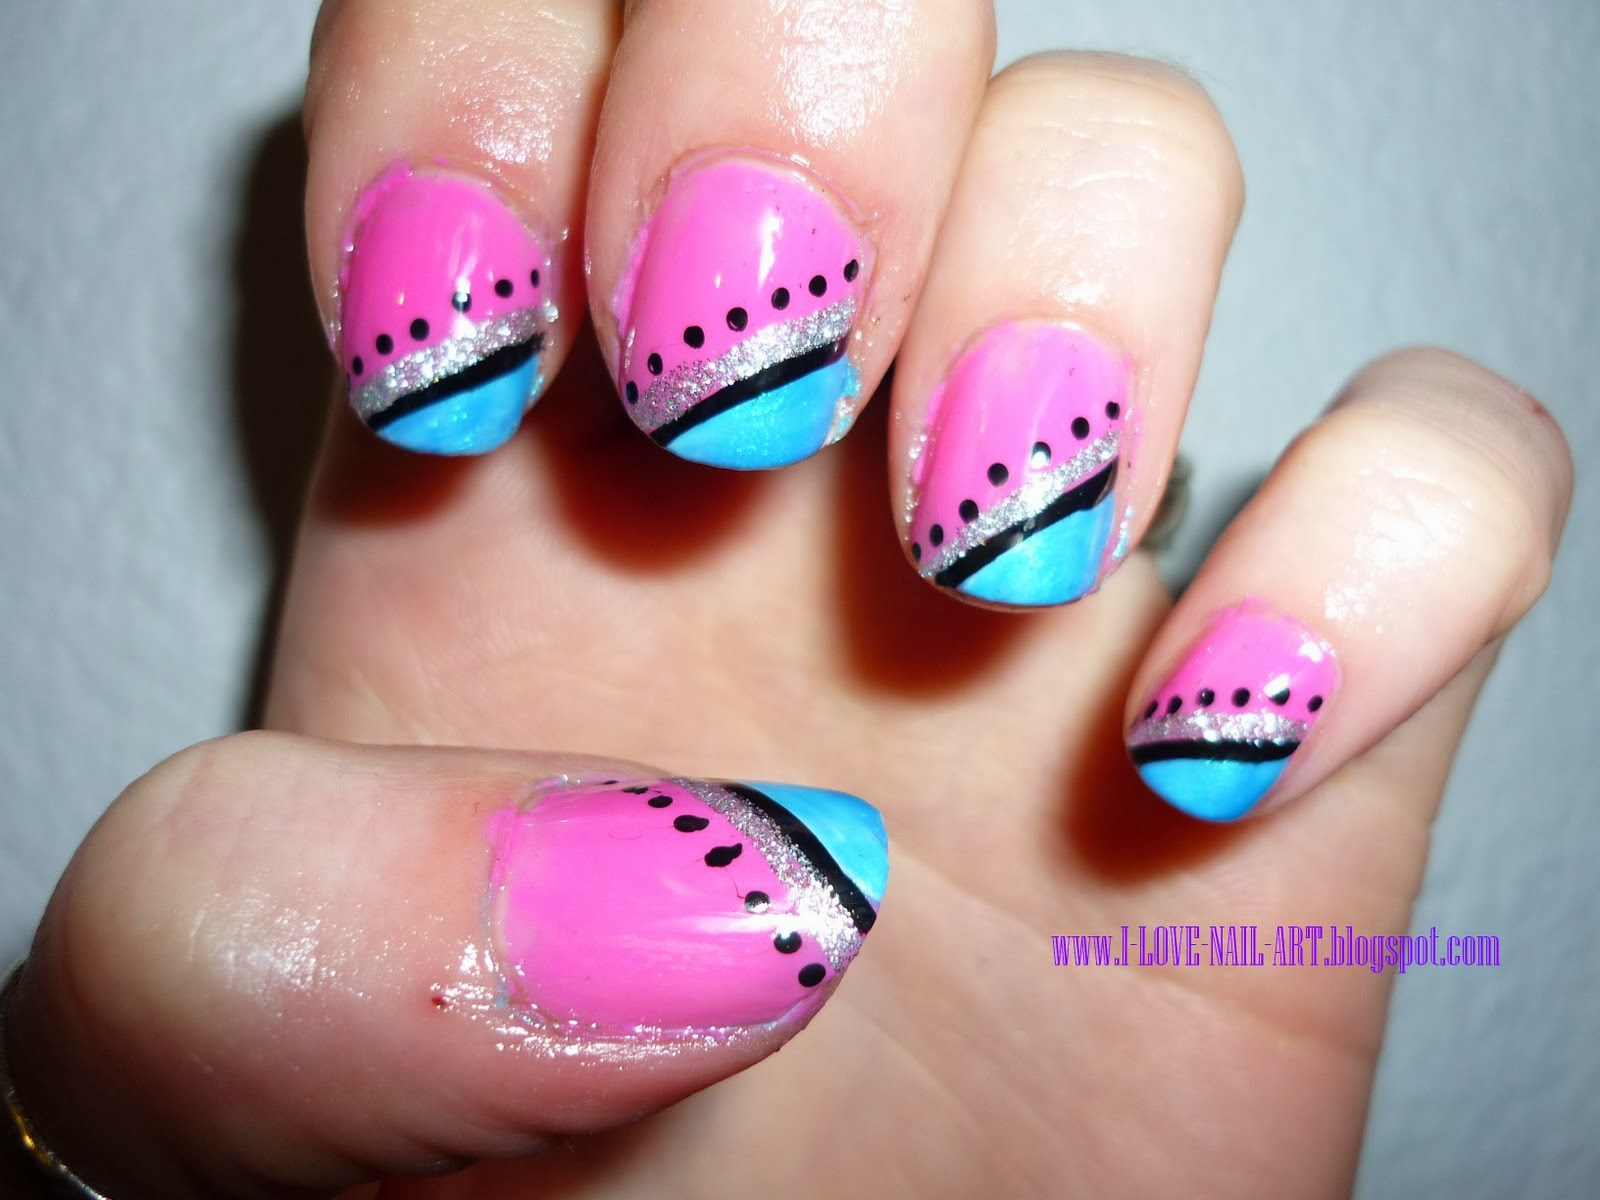 nail art for short nails nail art ideas nail art for very short nails - Nail Art Design At Home